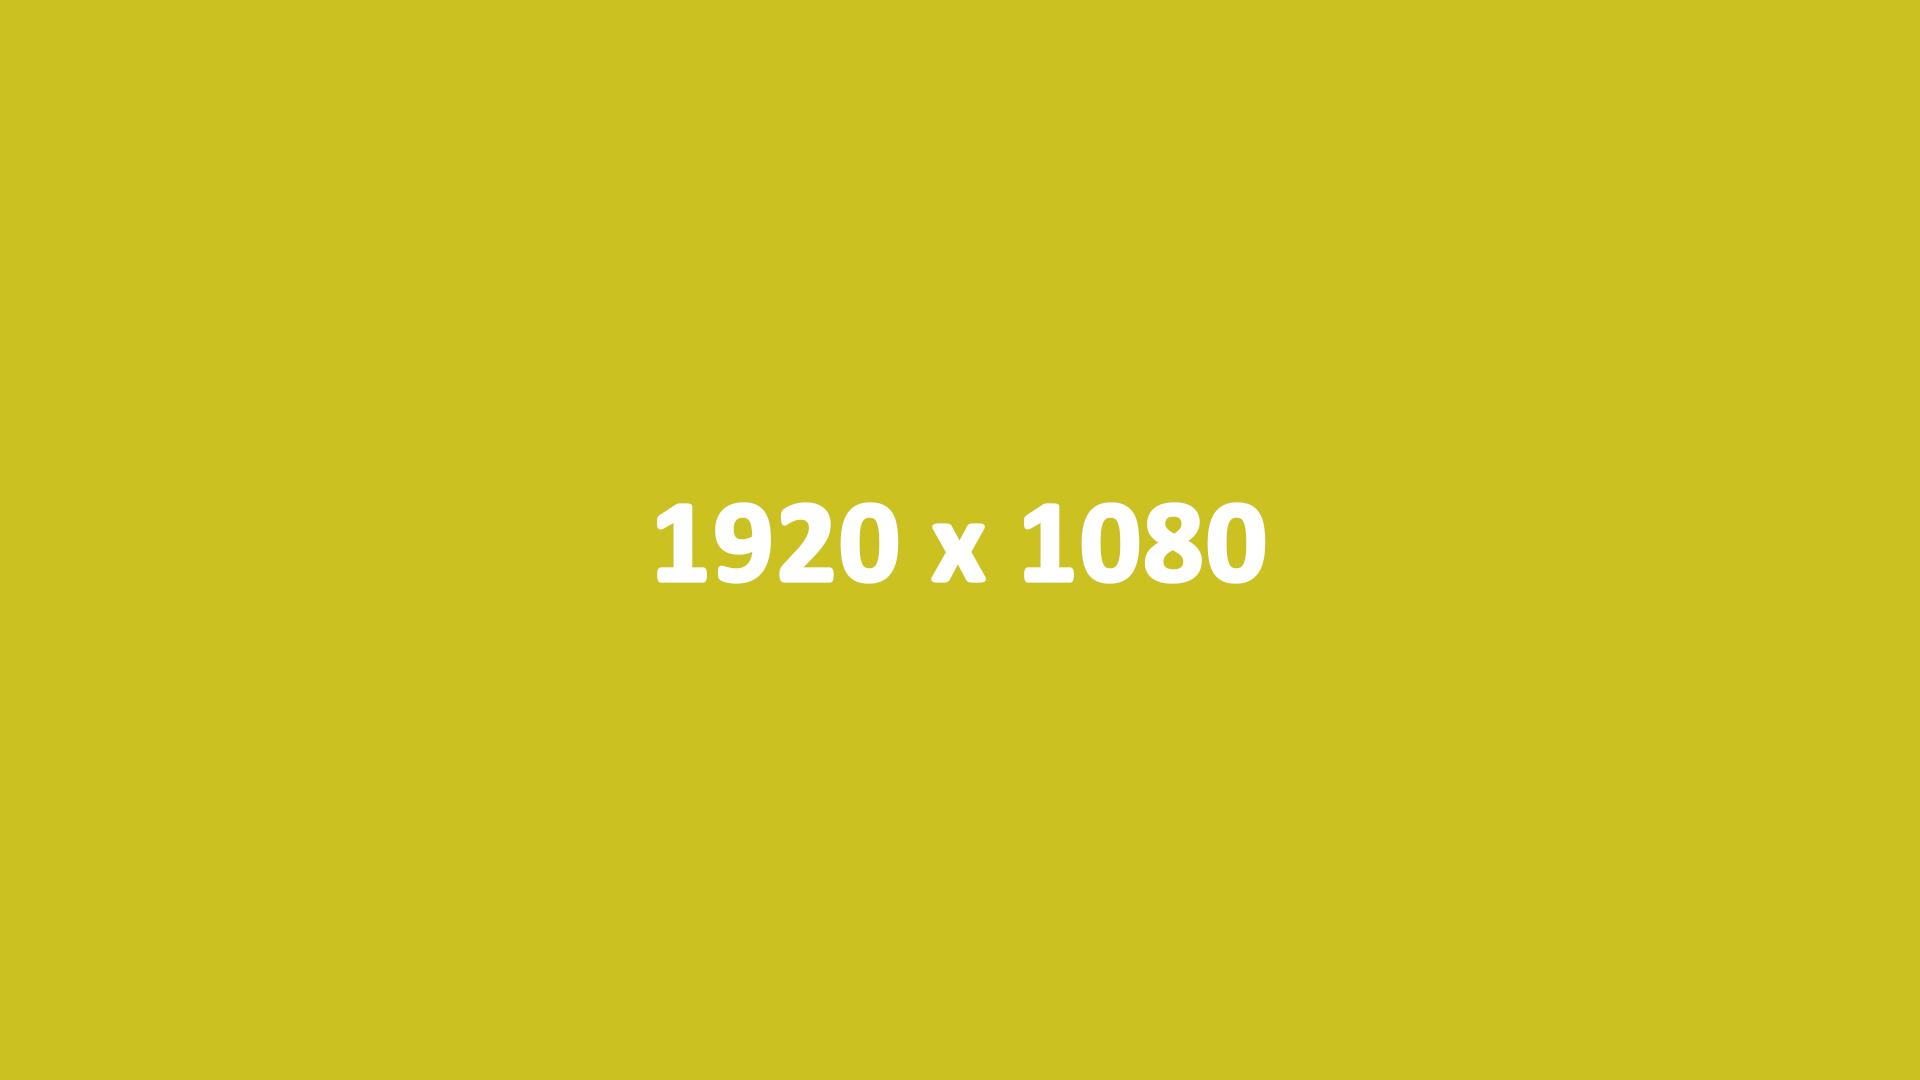 Wymiary grafik na Facebooku - 1920 x 1080